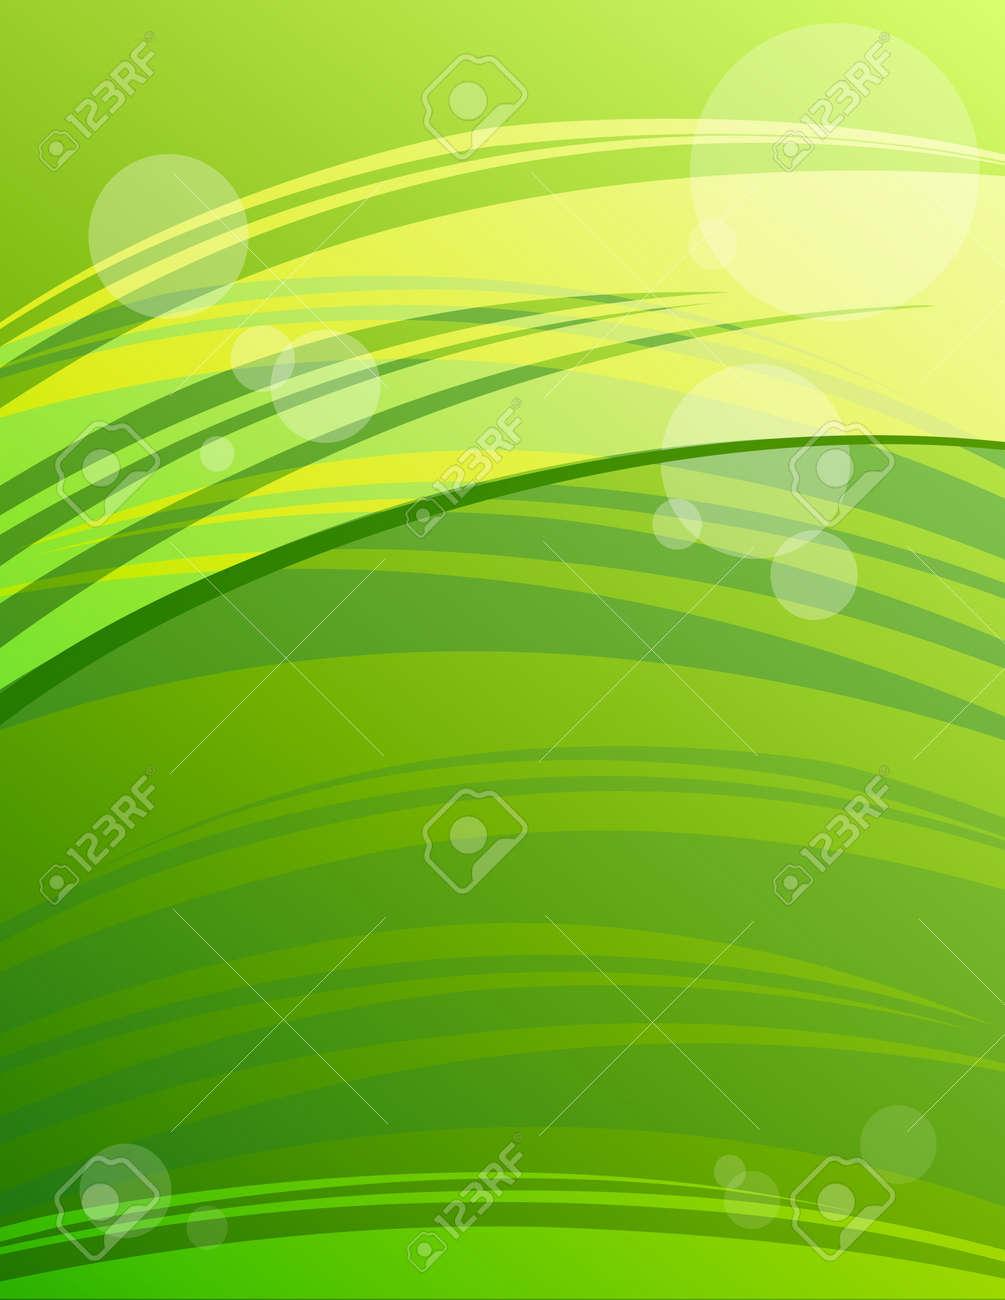 Légant Fond Vert Moderne En Format Lettre Grande Pour Imprimer Et Web Présentation Compagnie Brochure Couverture Papier à En Tête Bannière